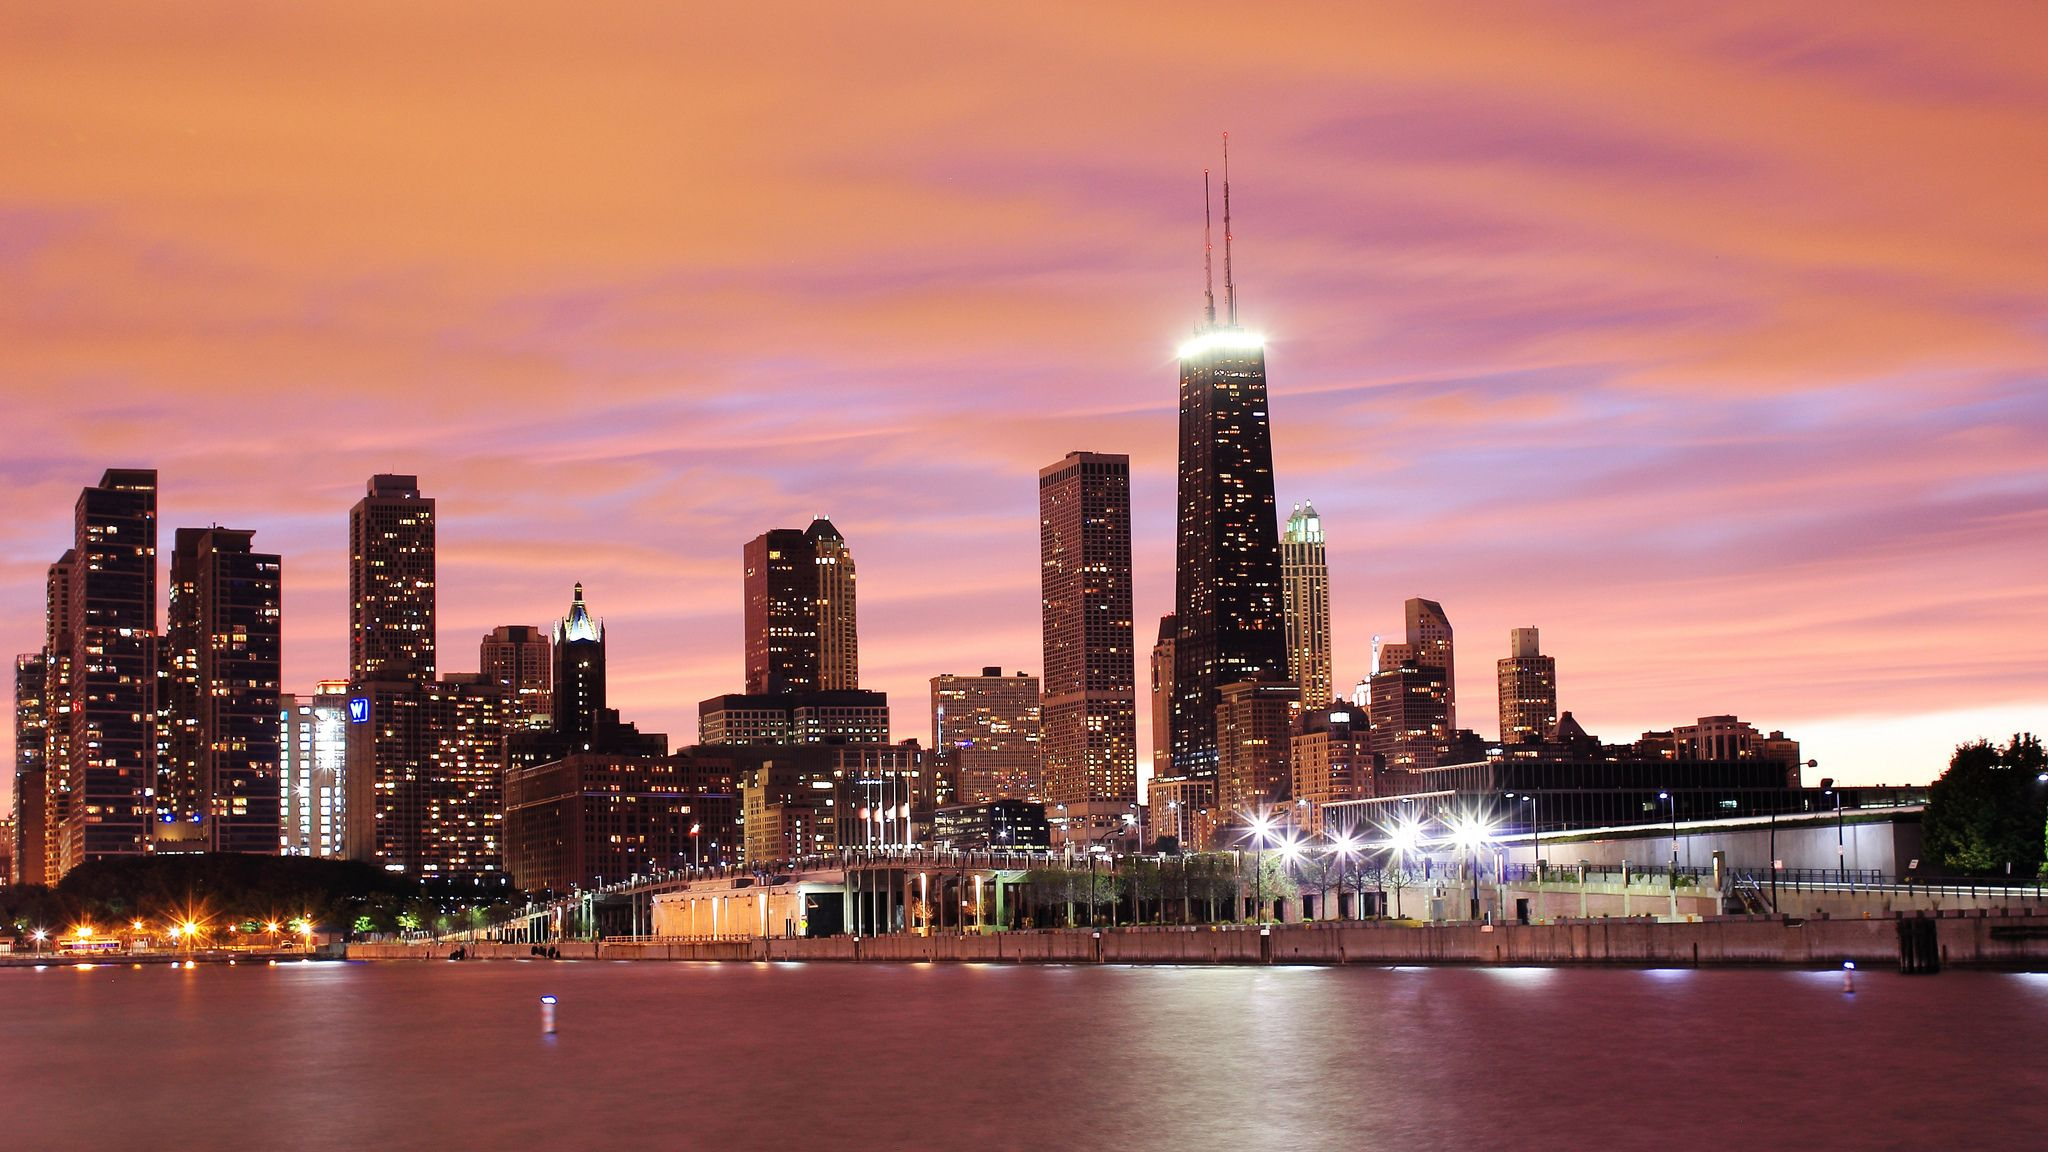 https://flic.kr/p/gSsTrt | Chicago